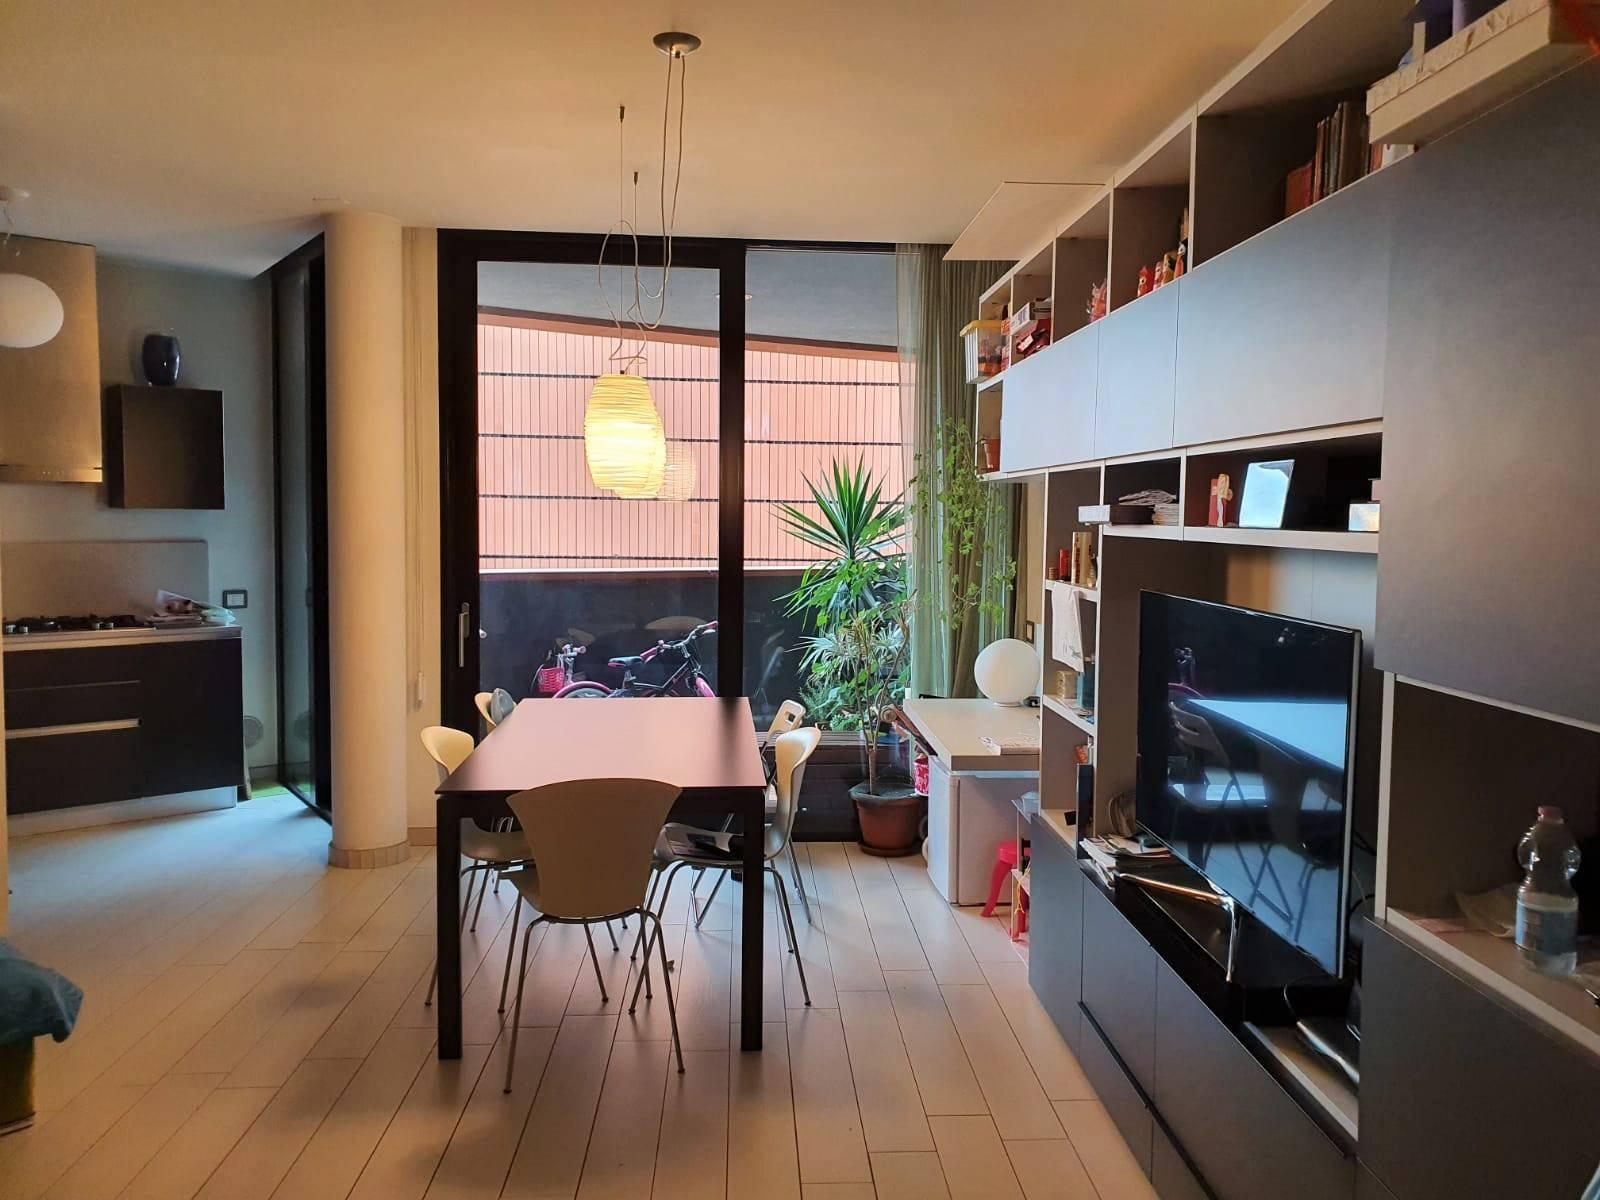 L'Abbruzzi Gruppo Immobiliare propone a Sesto San Giovanni, a 4 minuti a piedi dalla fermata della metropolitana Stazione, all'interno del